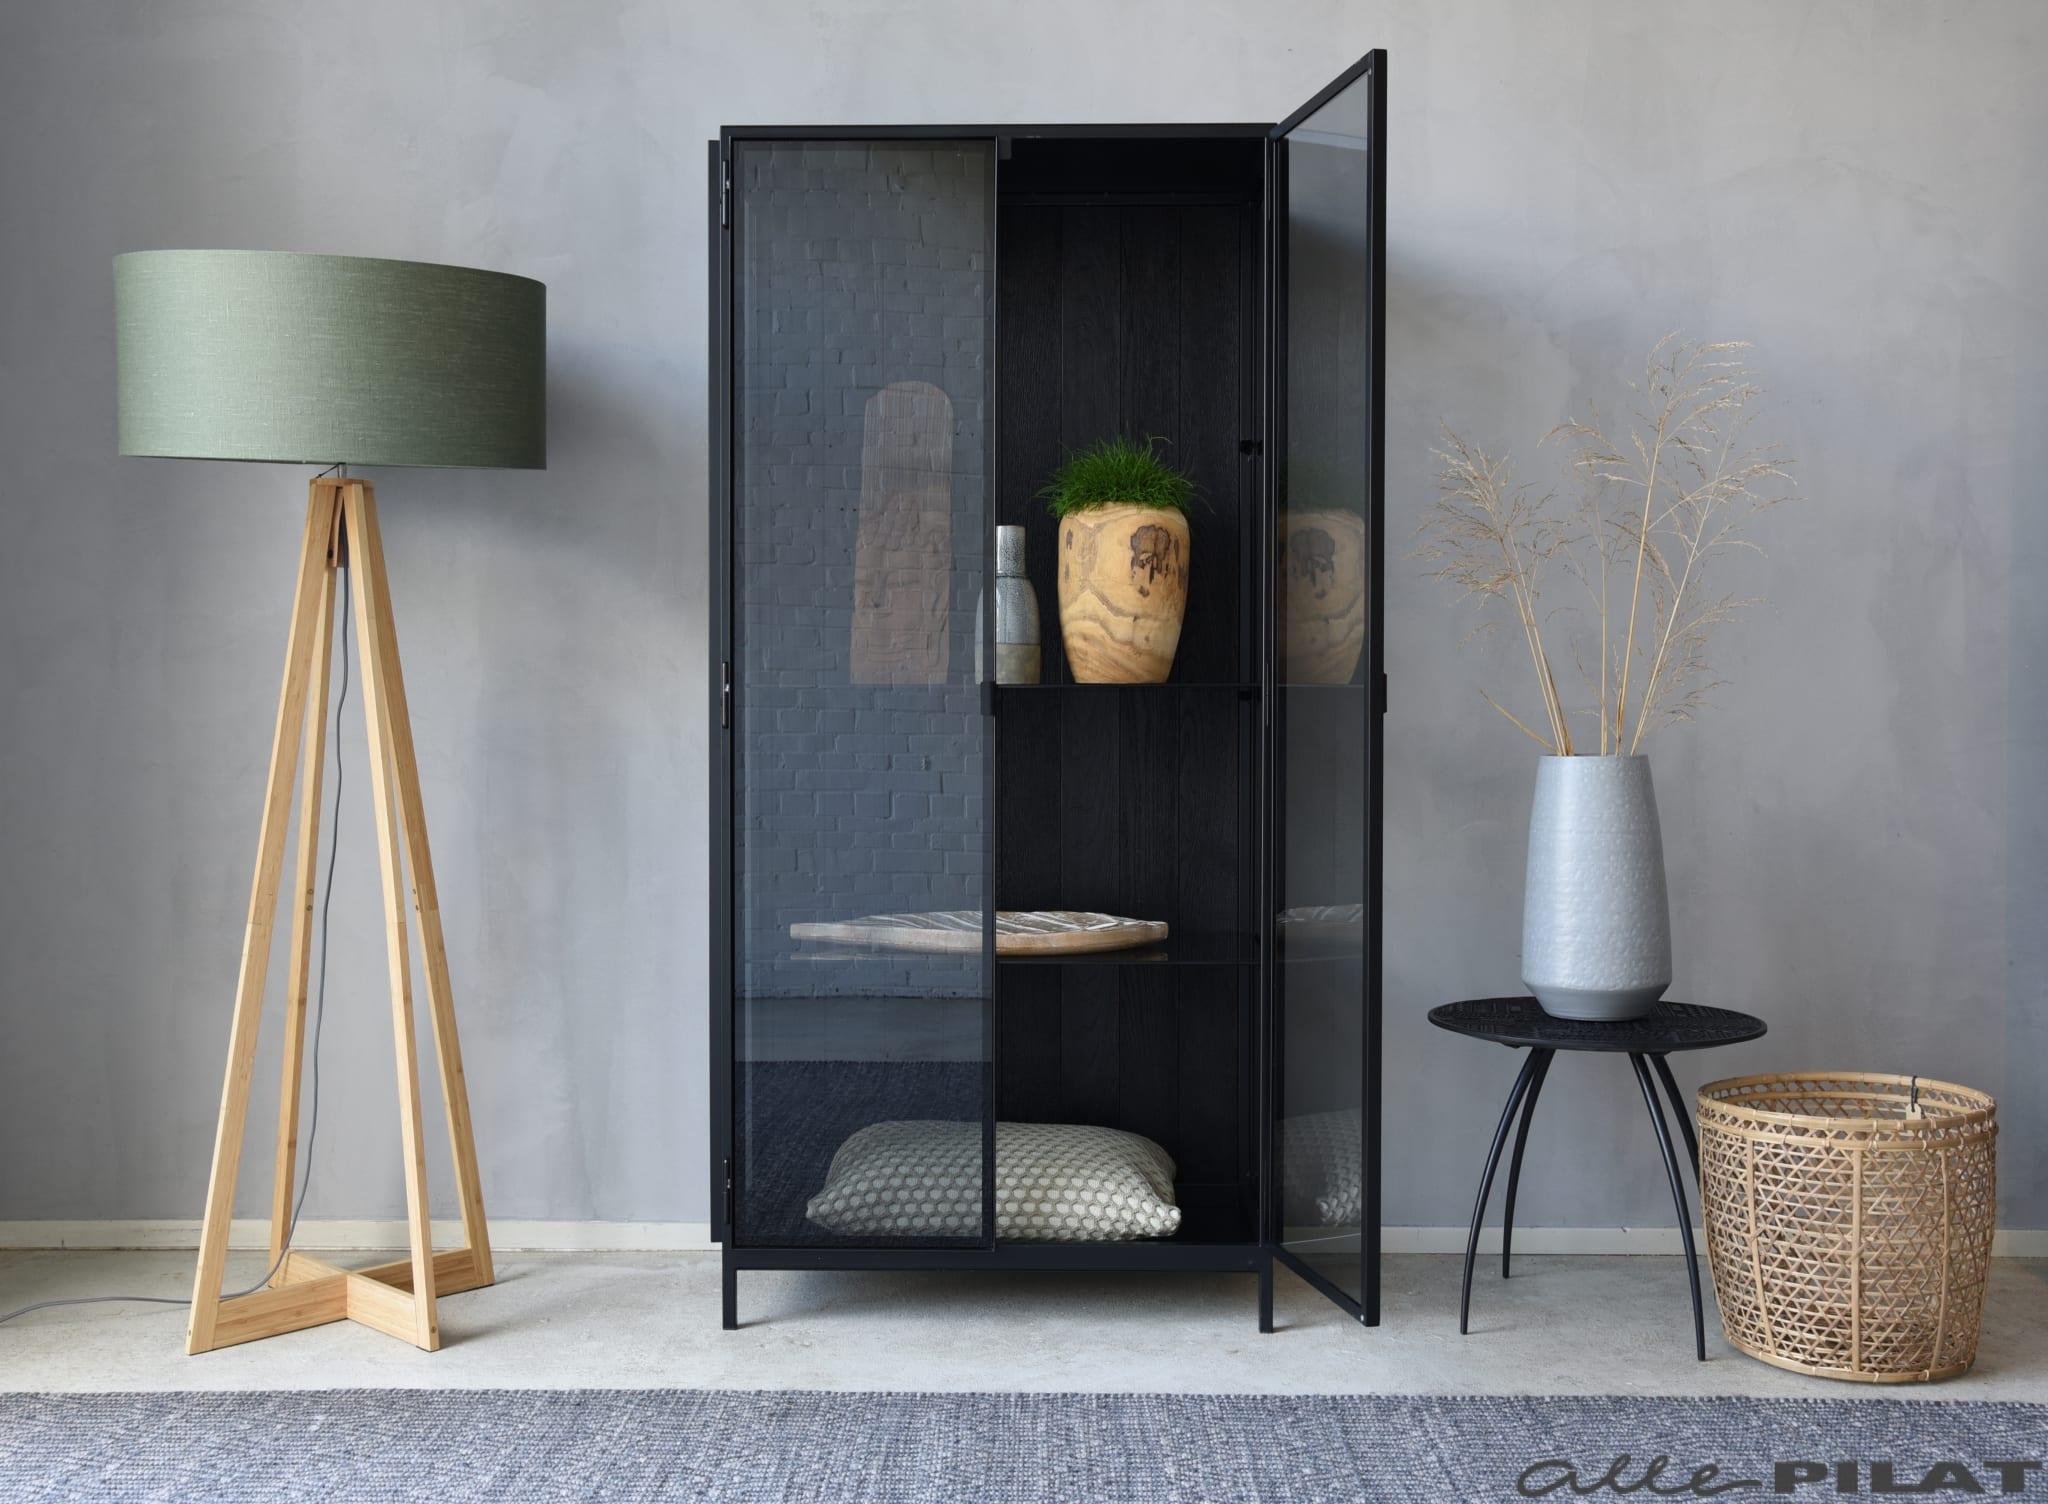 Kast Voor Glazen : Zwarte glazen vitrine kast anders woonwinkel alle pilat